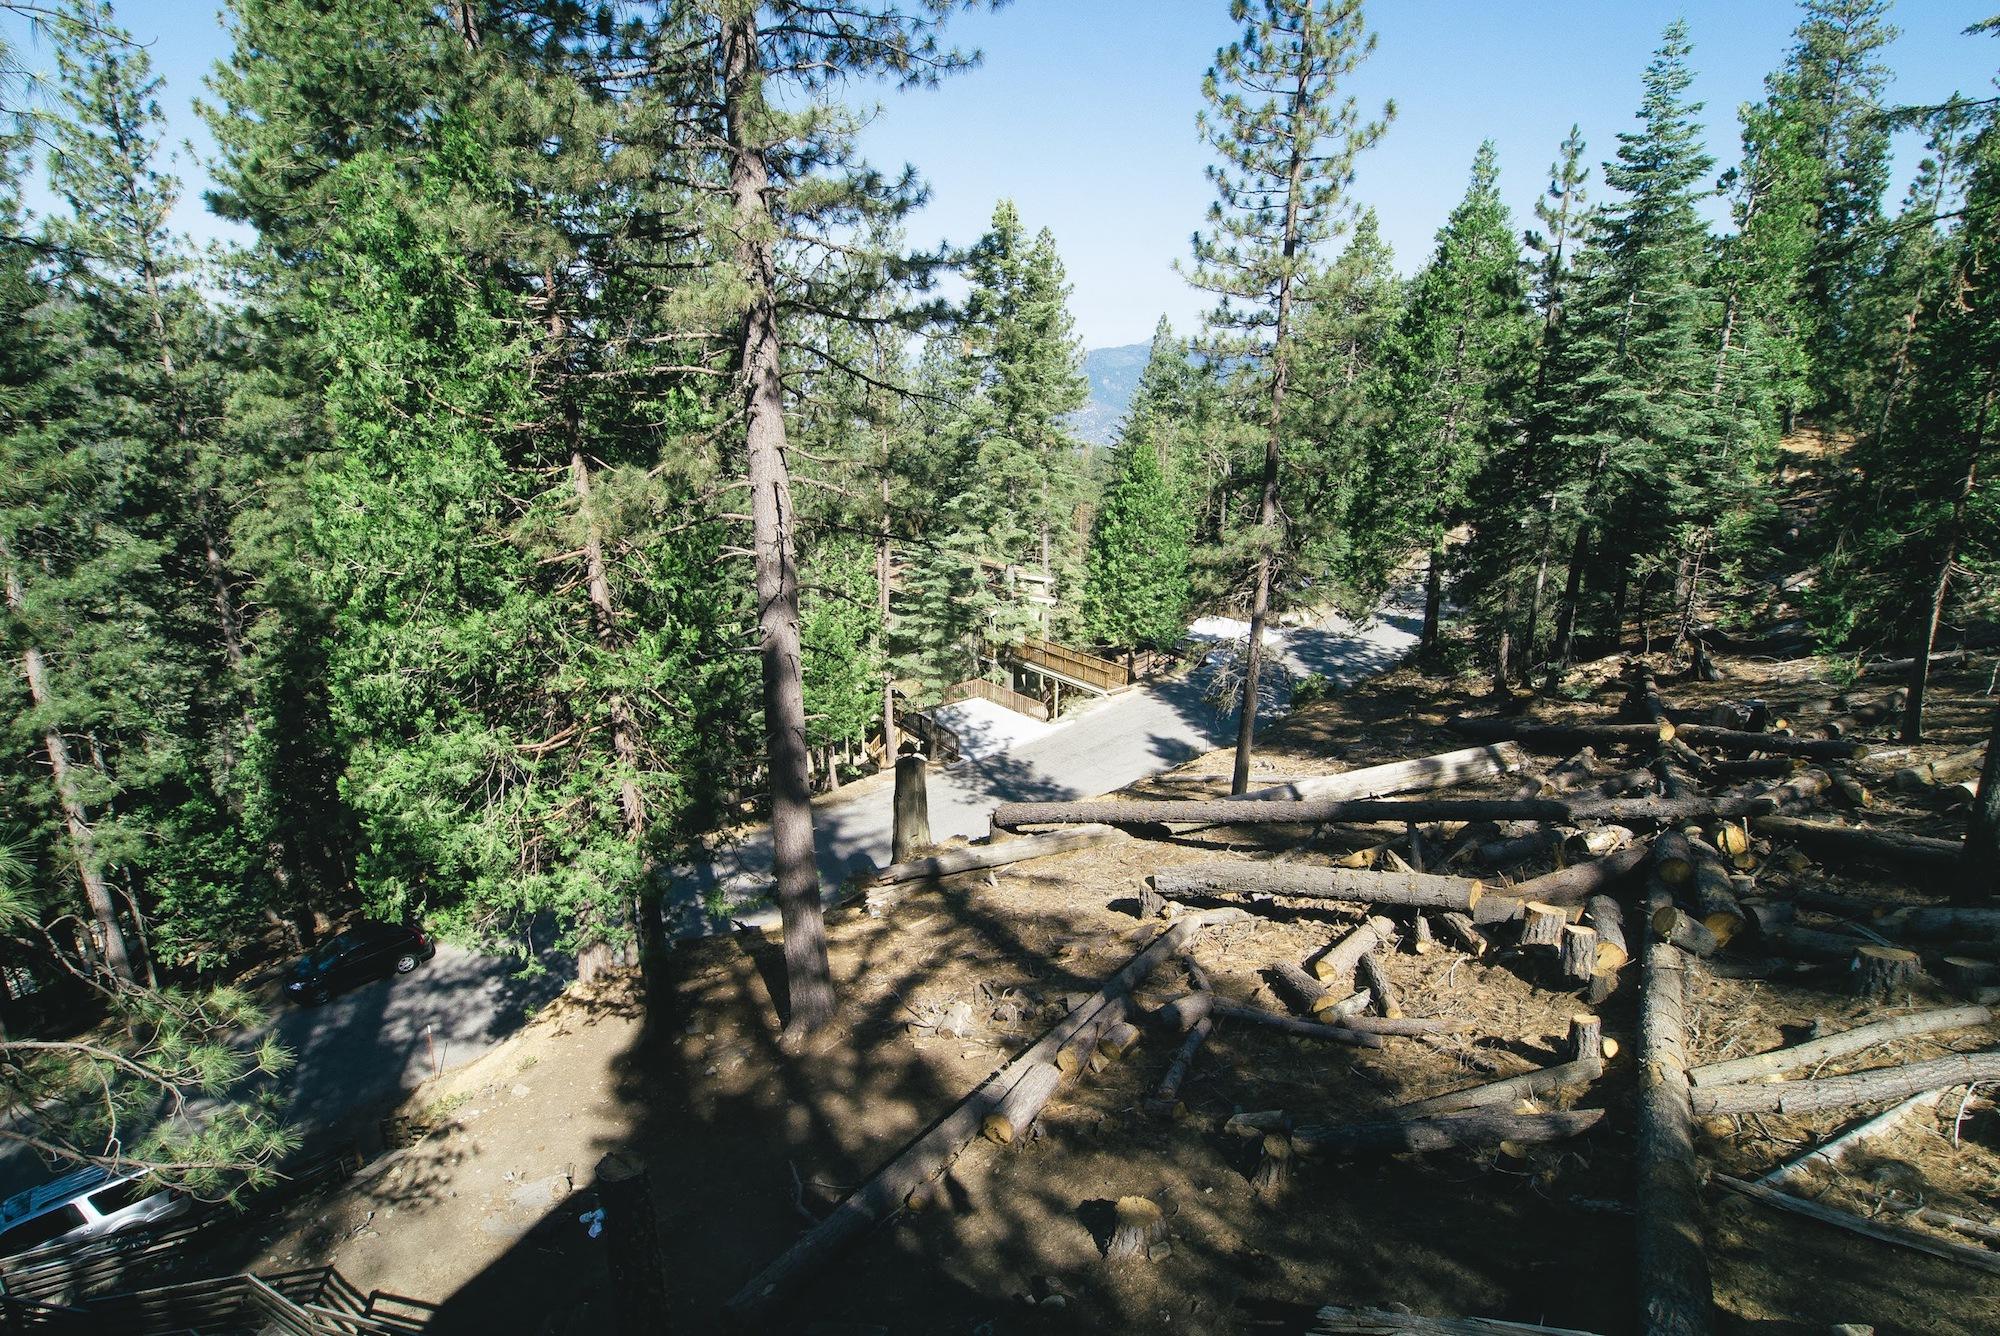 Yosemite's Scenic Wonders